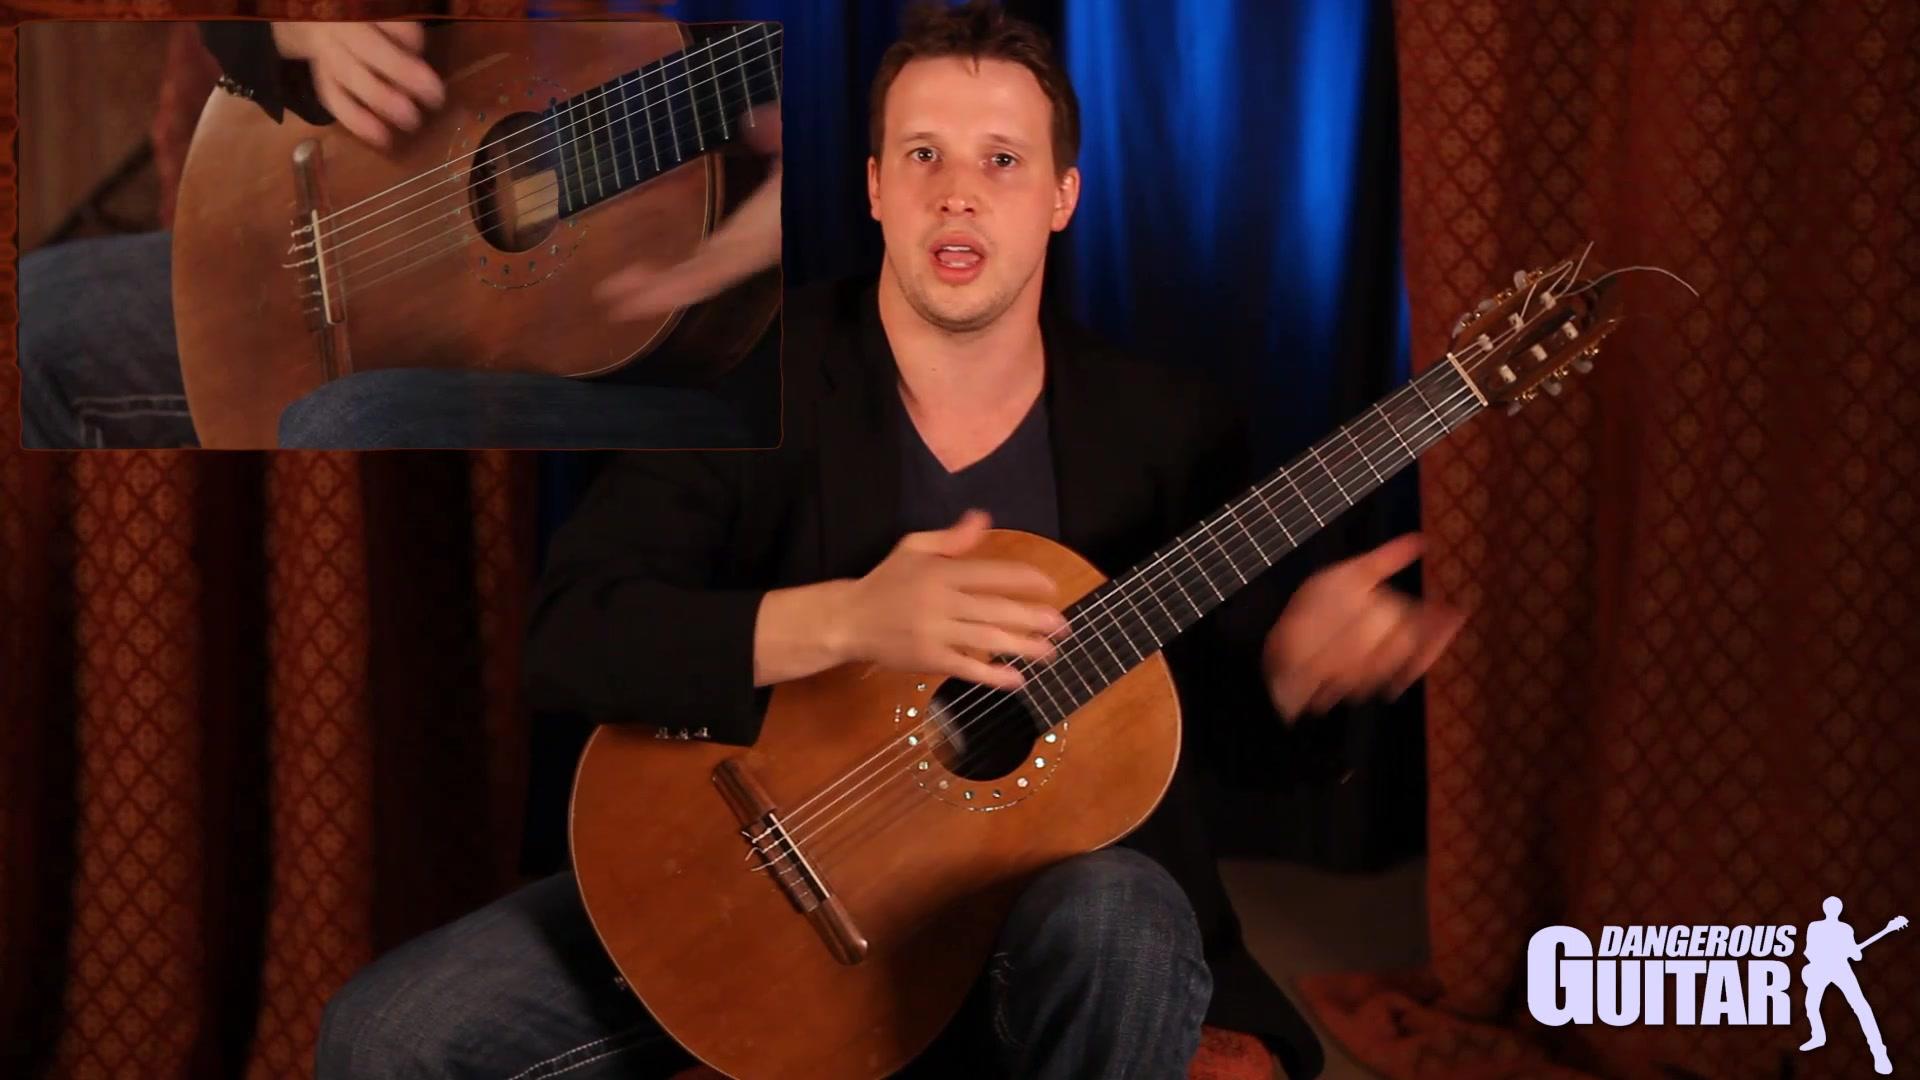 Acoustic Dangerousguitar